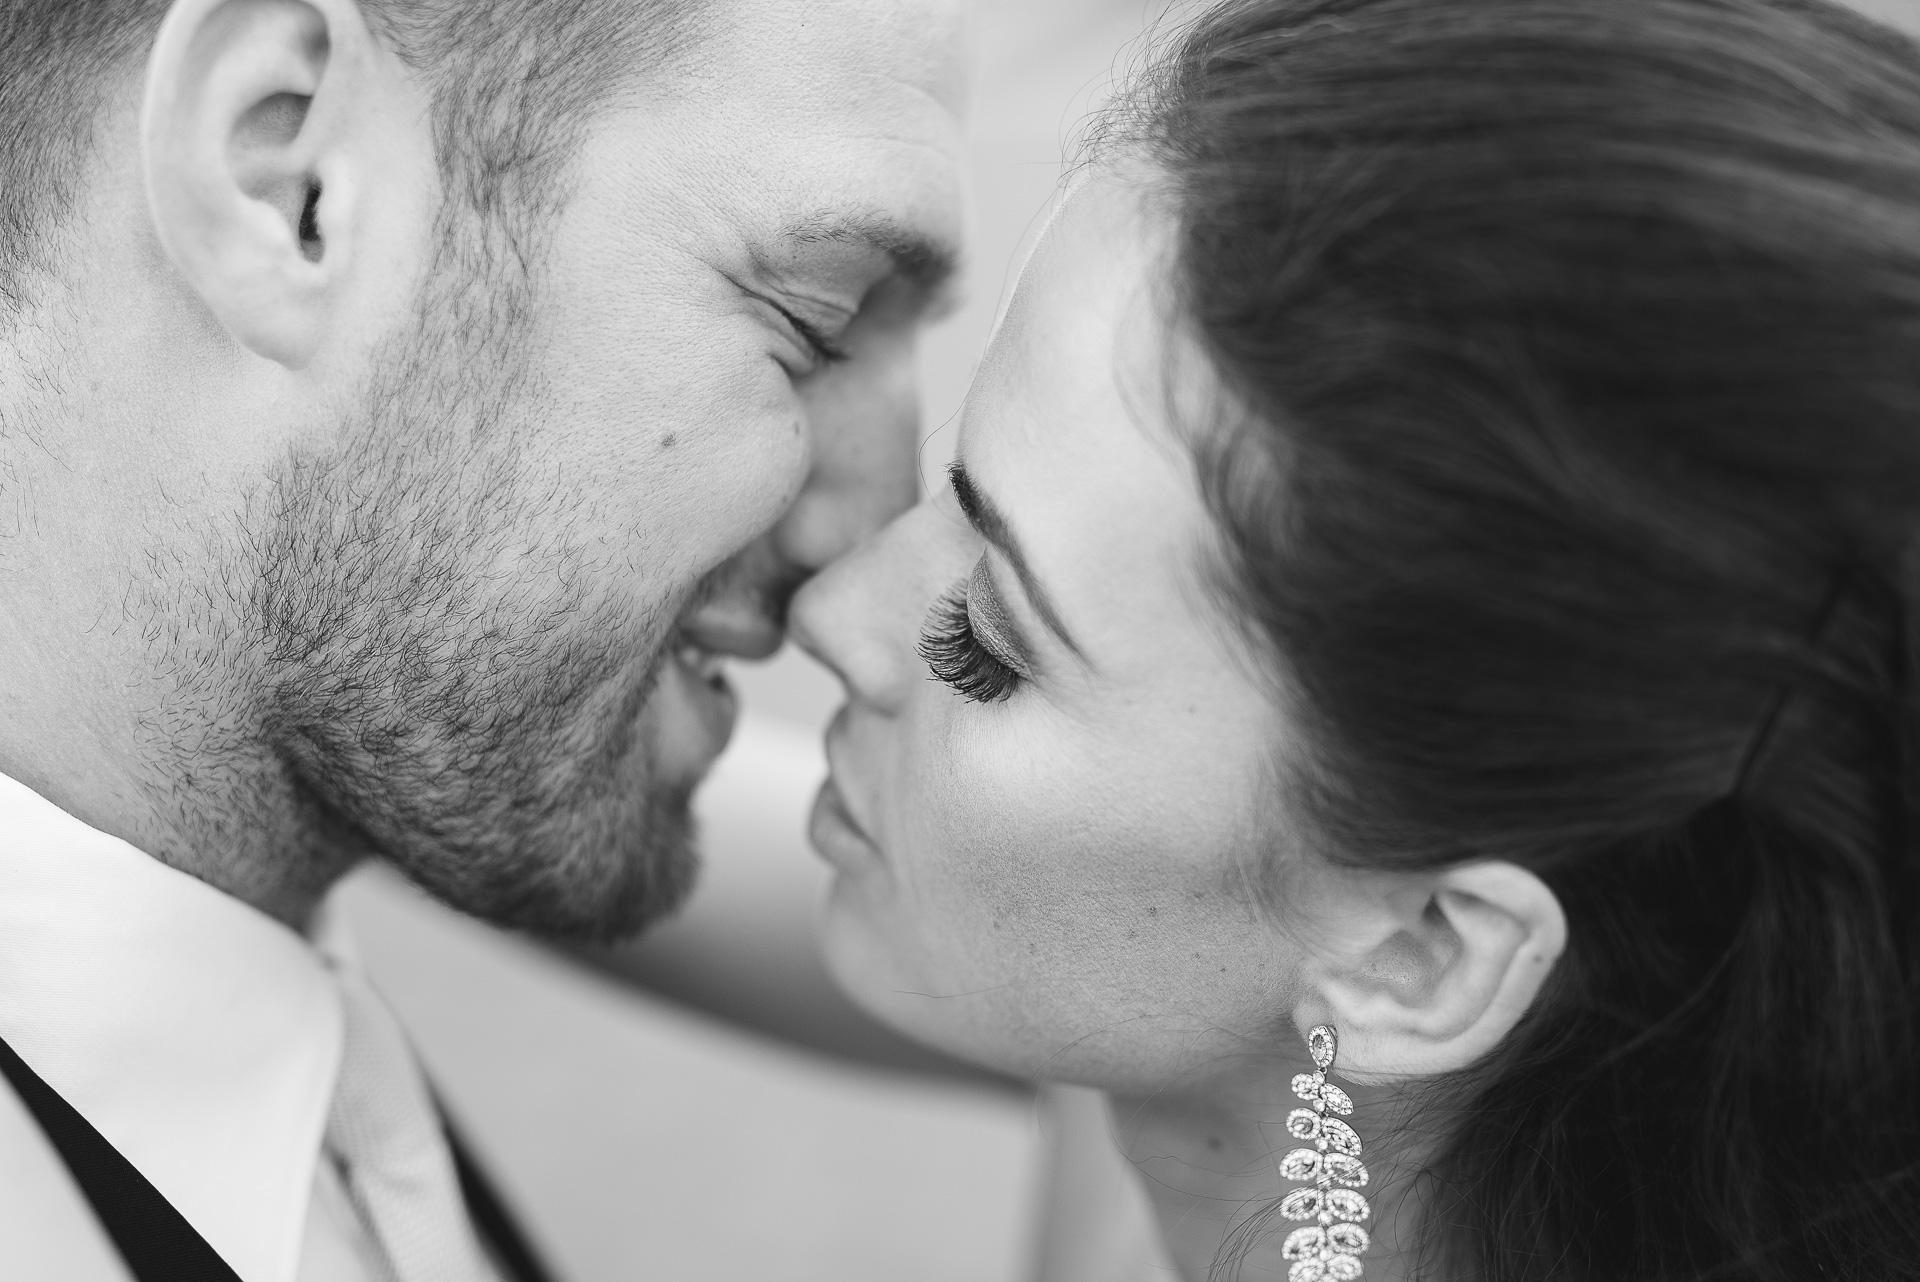 4 LB-Mediart stílusos esküvői fotózás és smink rendezvényfotózás kreatív esküvői fotózás Budapest Wedding Photography